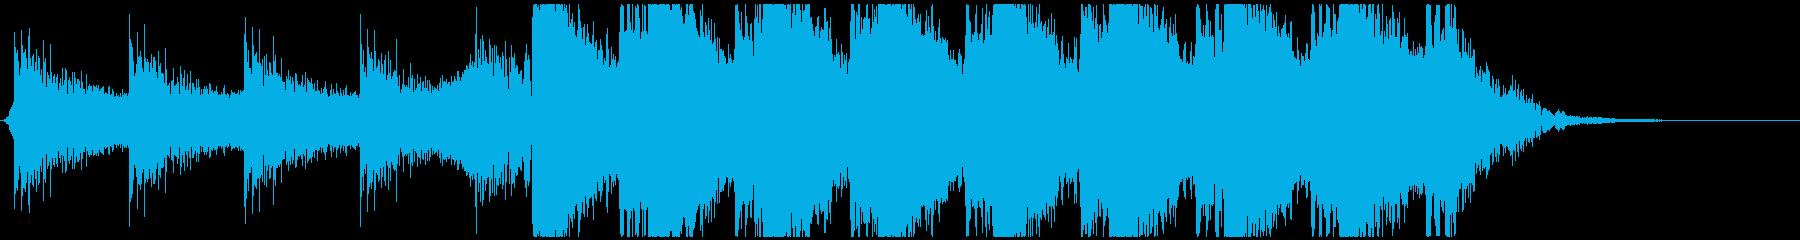 コーラスが壮大な映画予告編風オーケストラの再生済みの波形